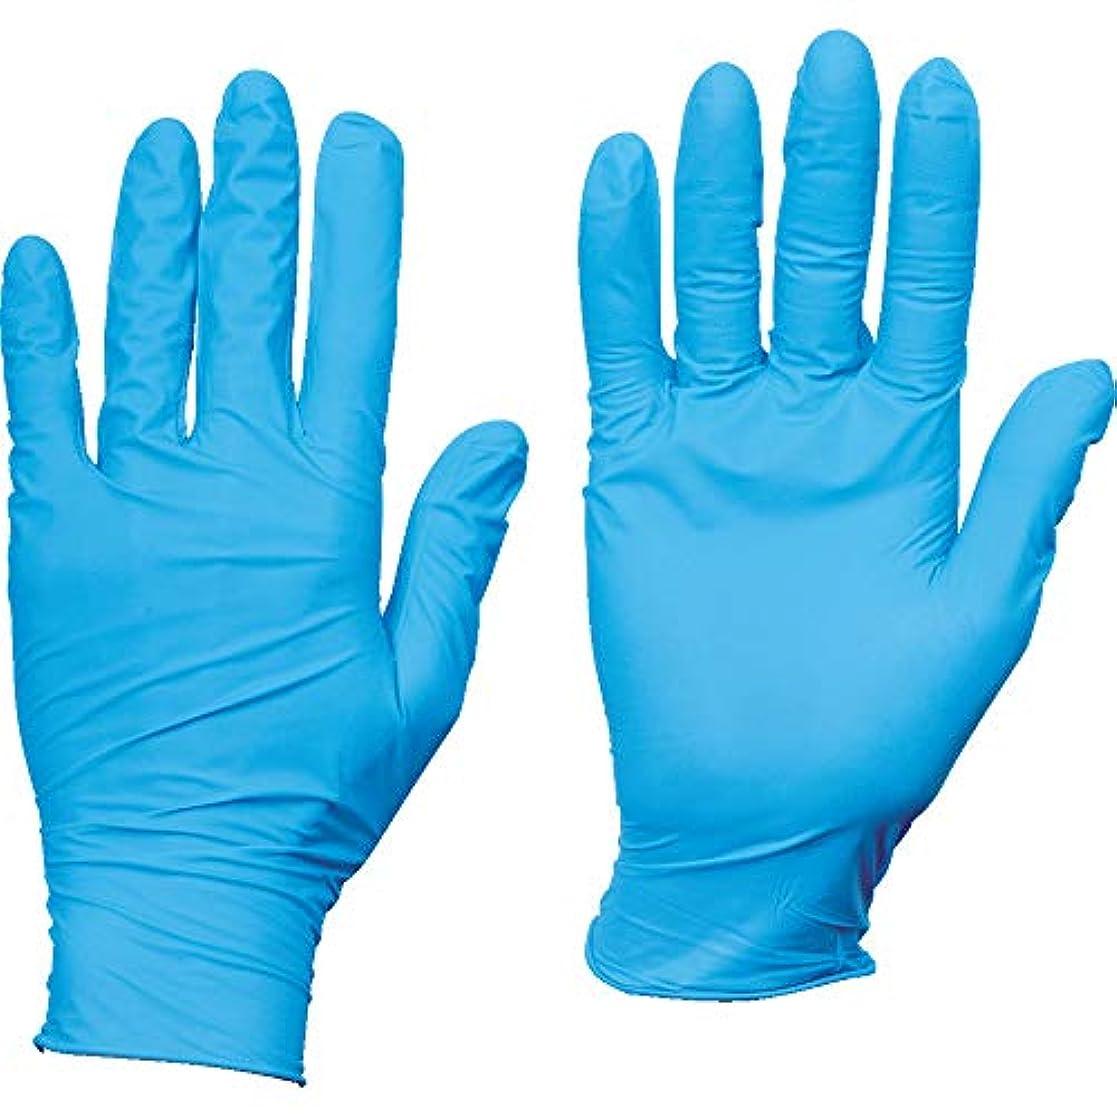 旅不調和準備したTRUSCO(トラスコ) 10箱入り使い捨てニトリル手袋TGスタンダード0.08粉無青M TGNN08BM10C